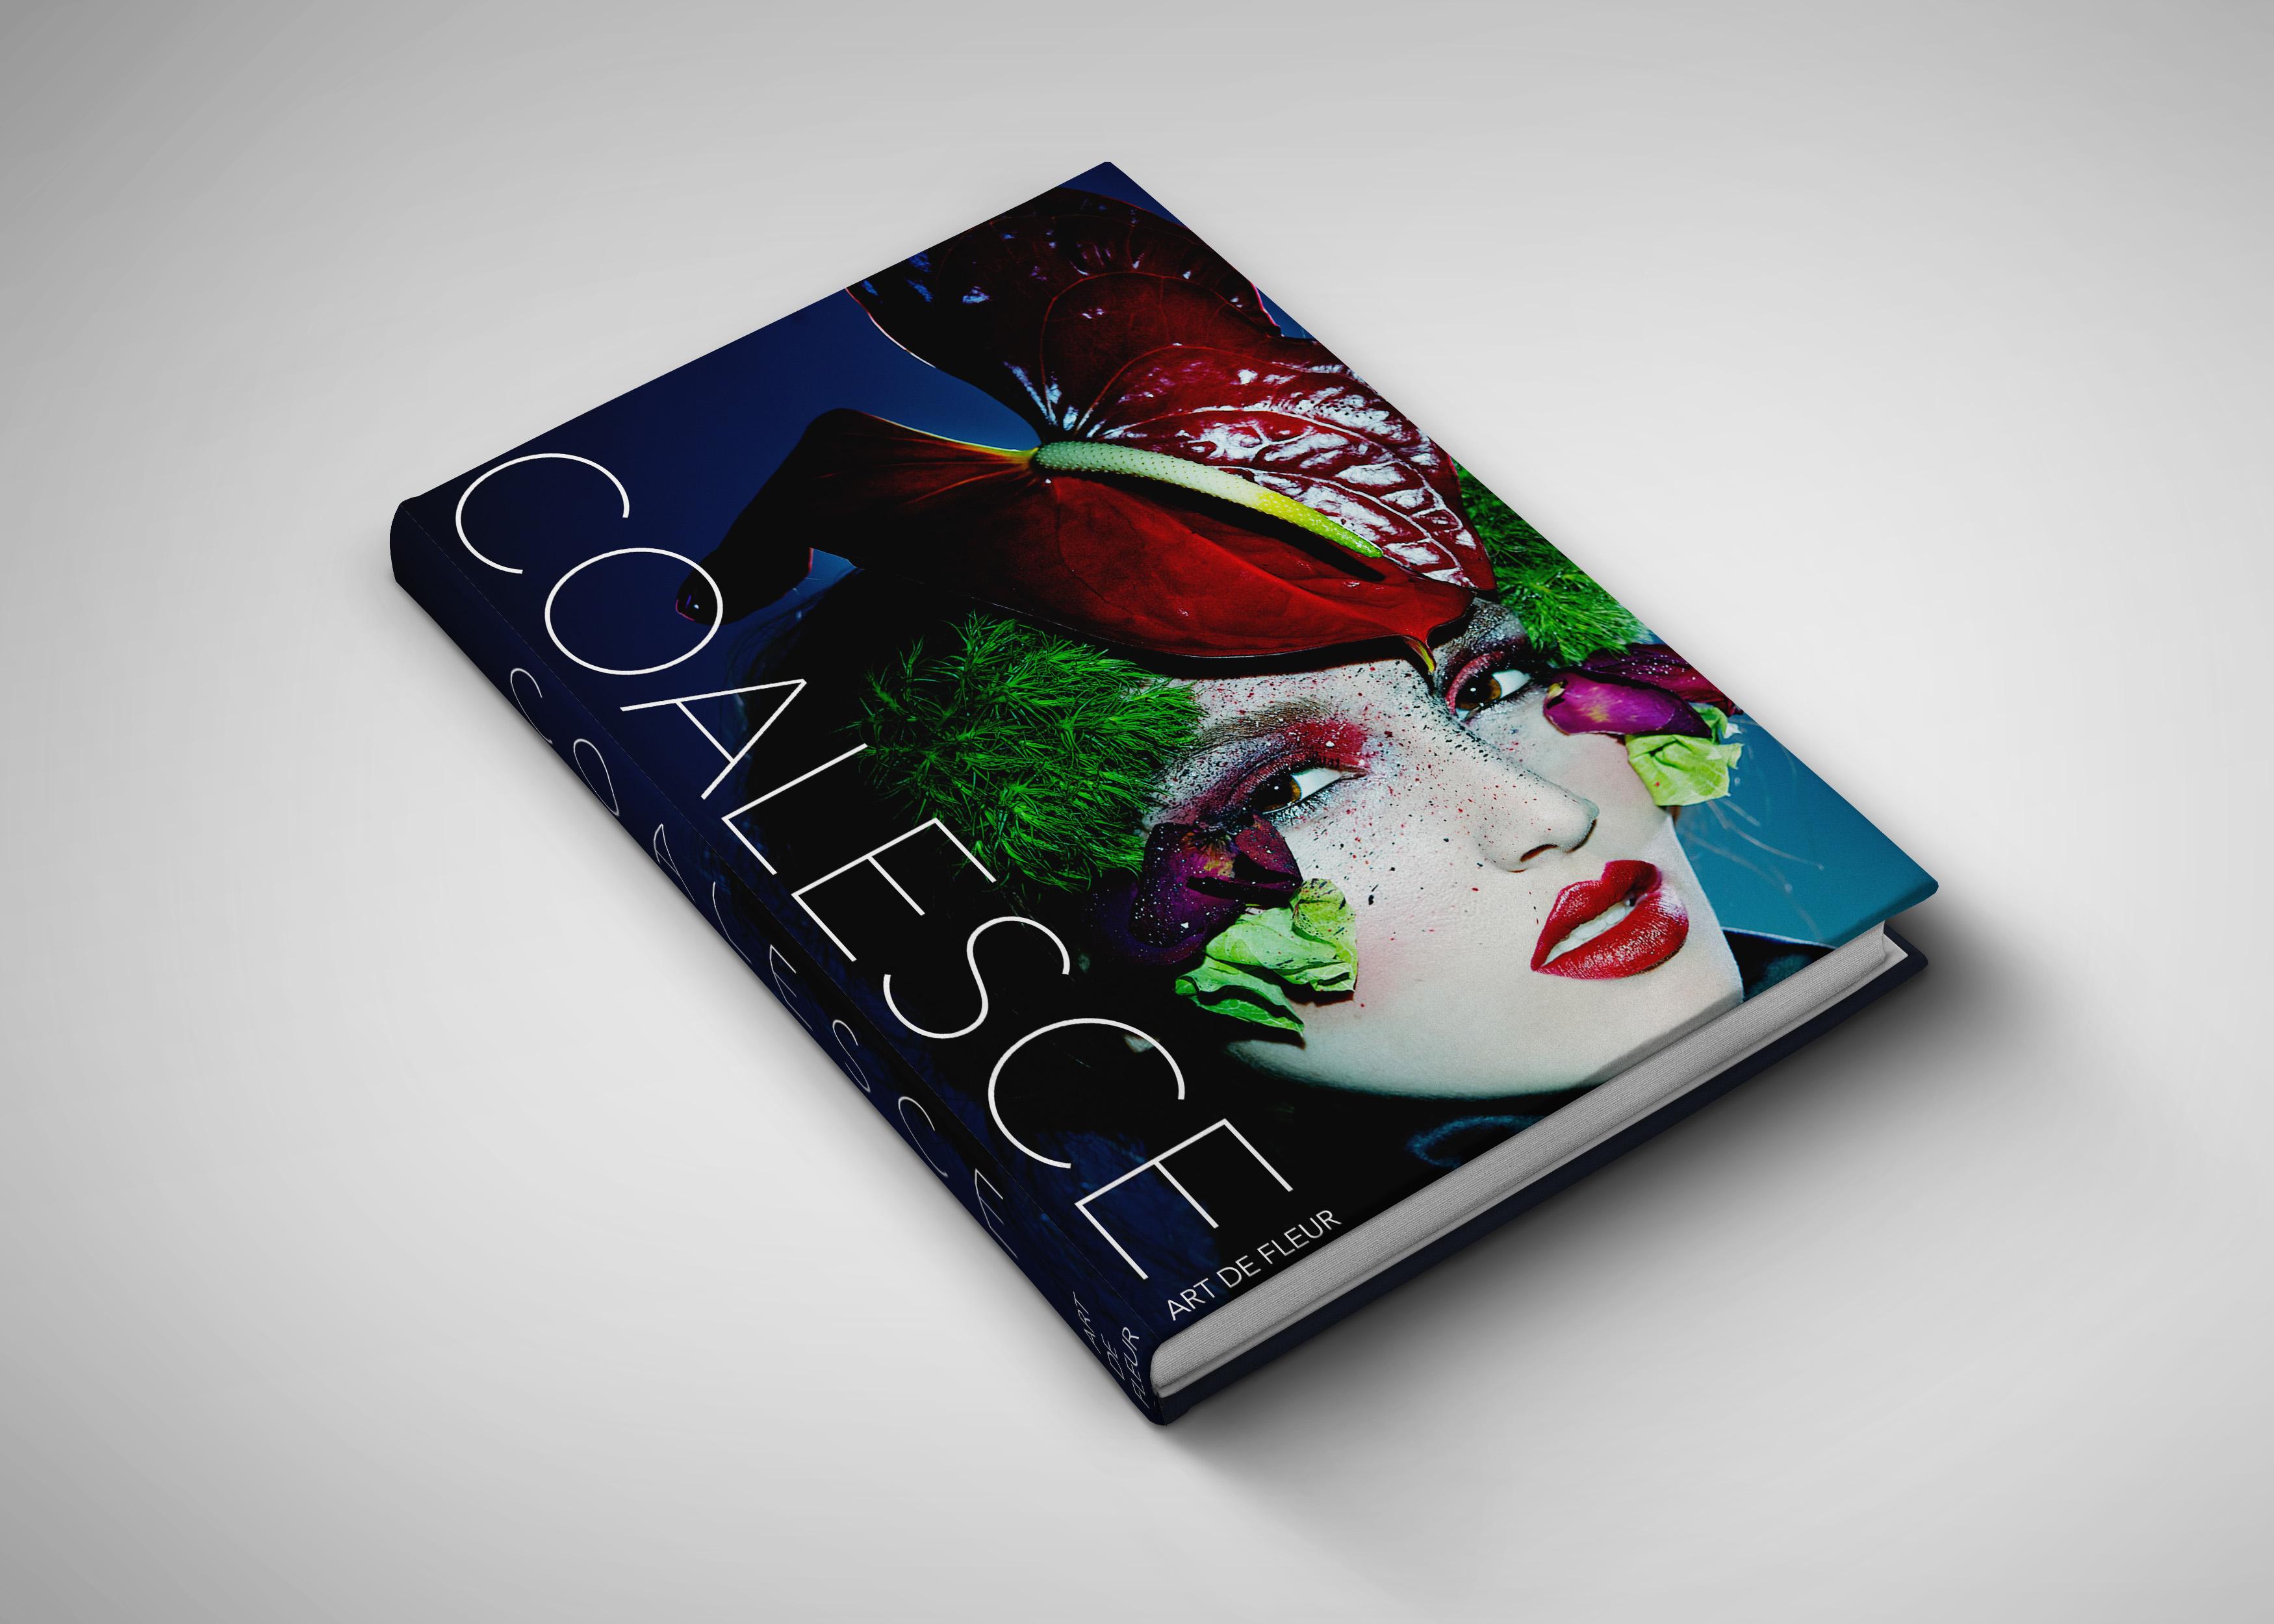 Beauty Coffee table book mockup by KellieCraw1 on Guru